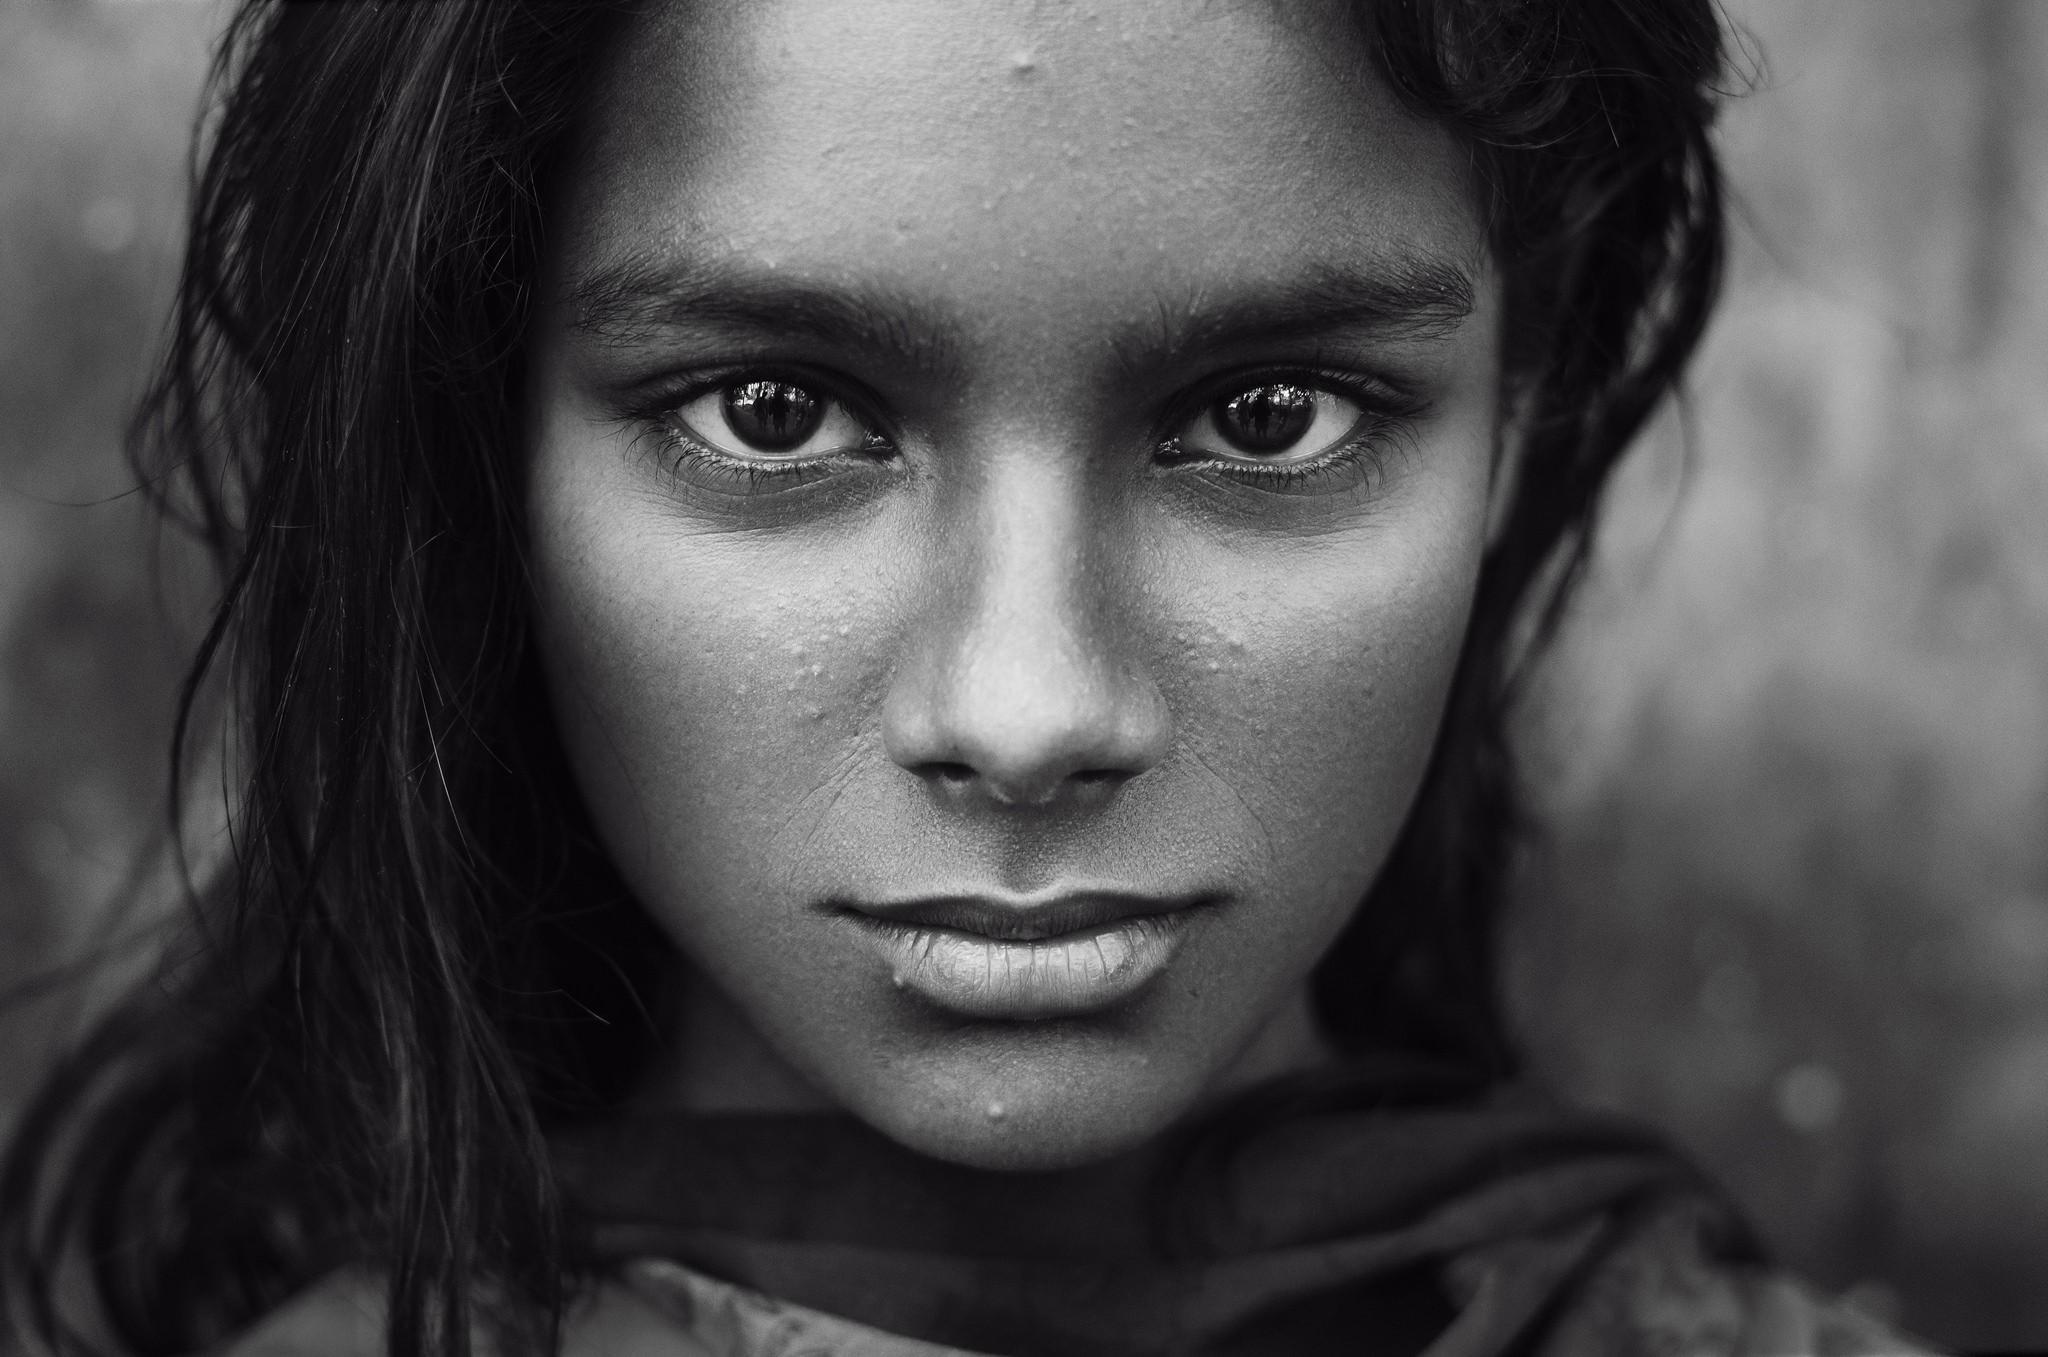 Профессиональные черно белые фотографии людей